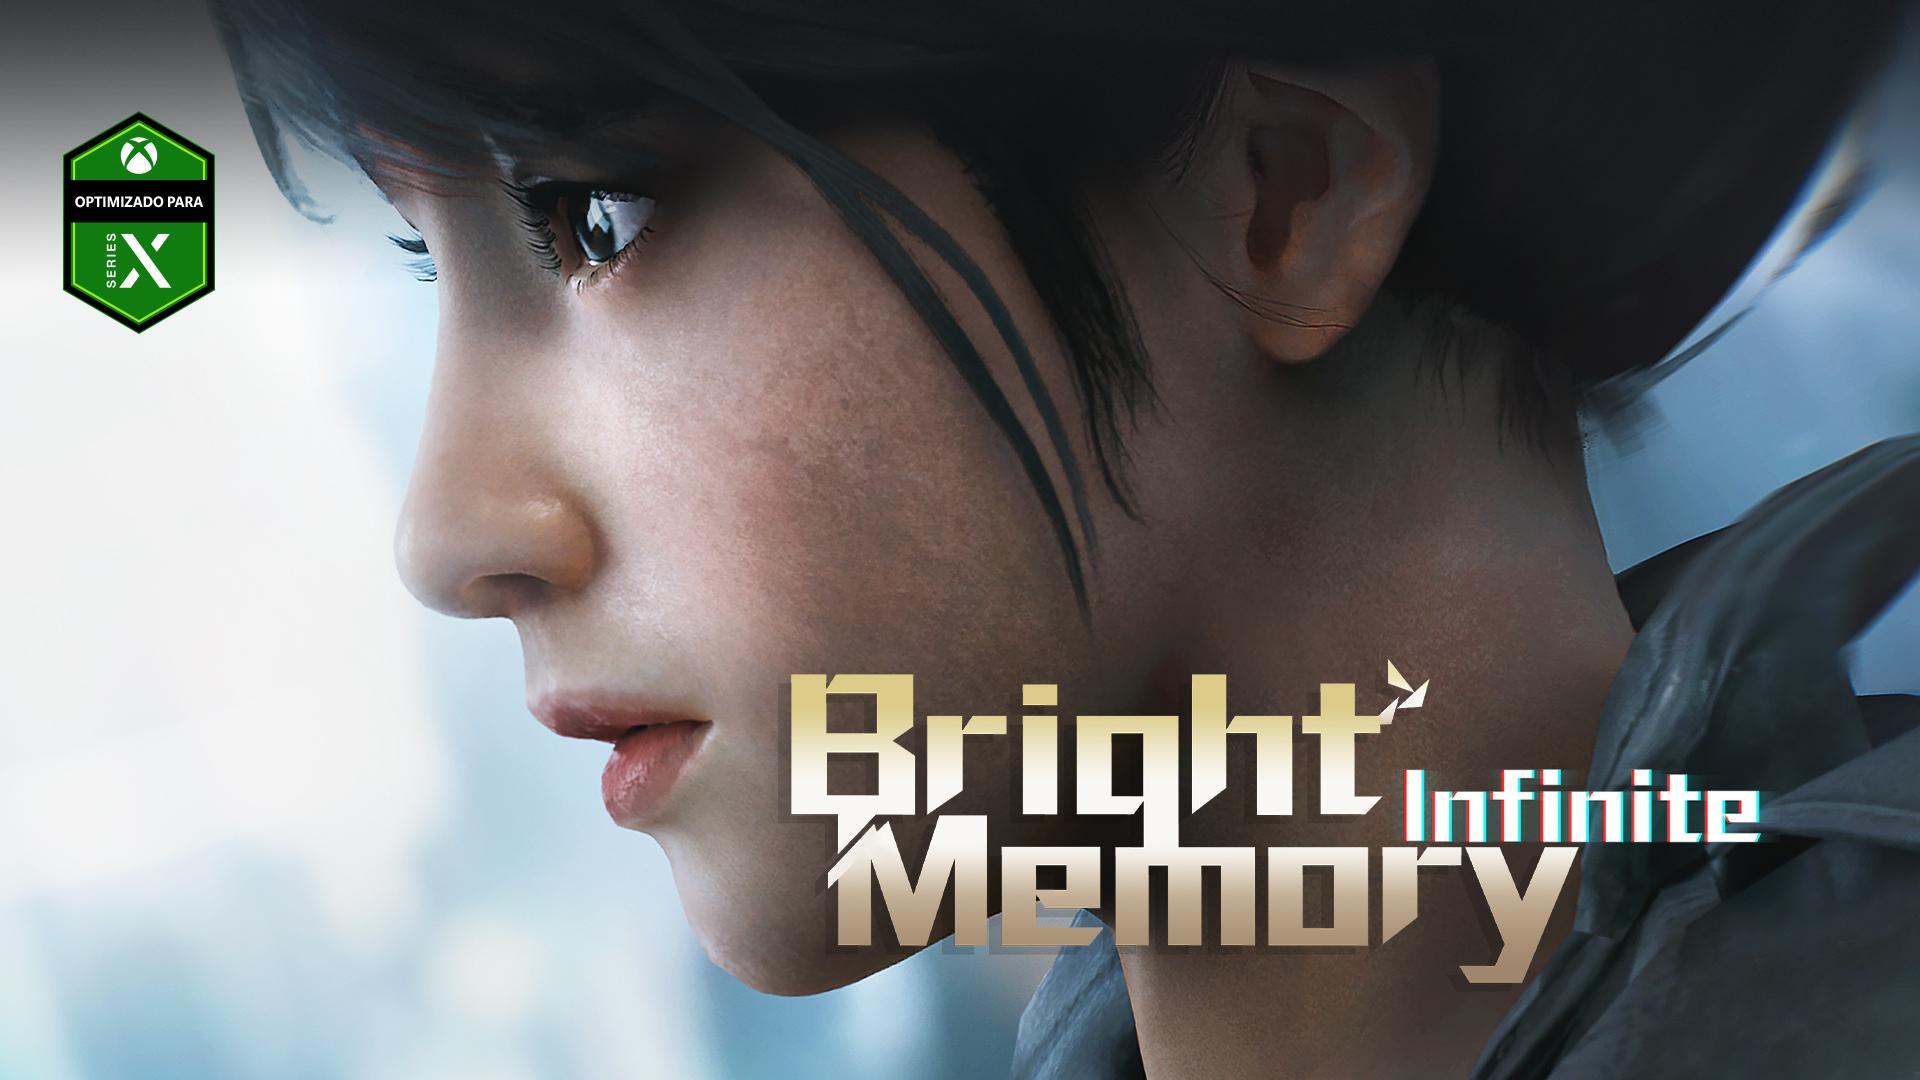 Bright Memory: Infinite, Optimizado para Series X, una mujer joven mira a la lejanía.